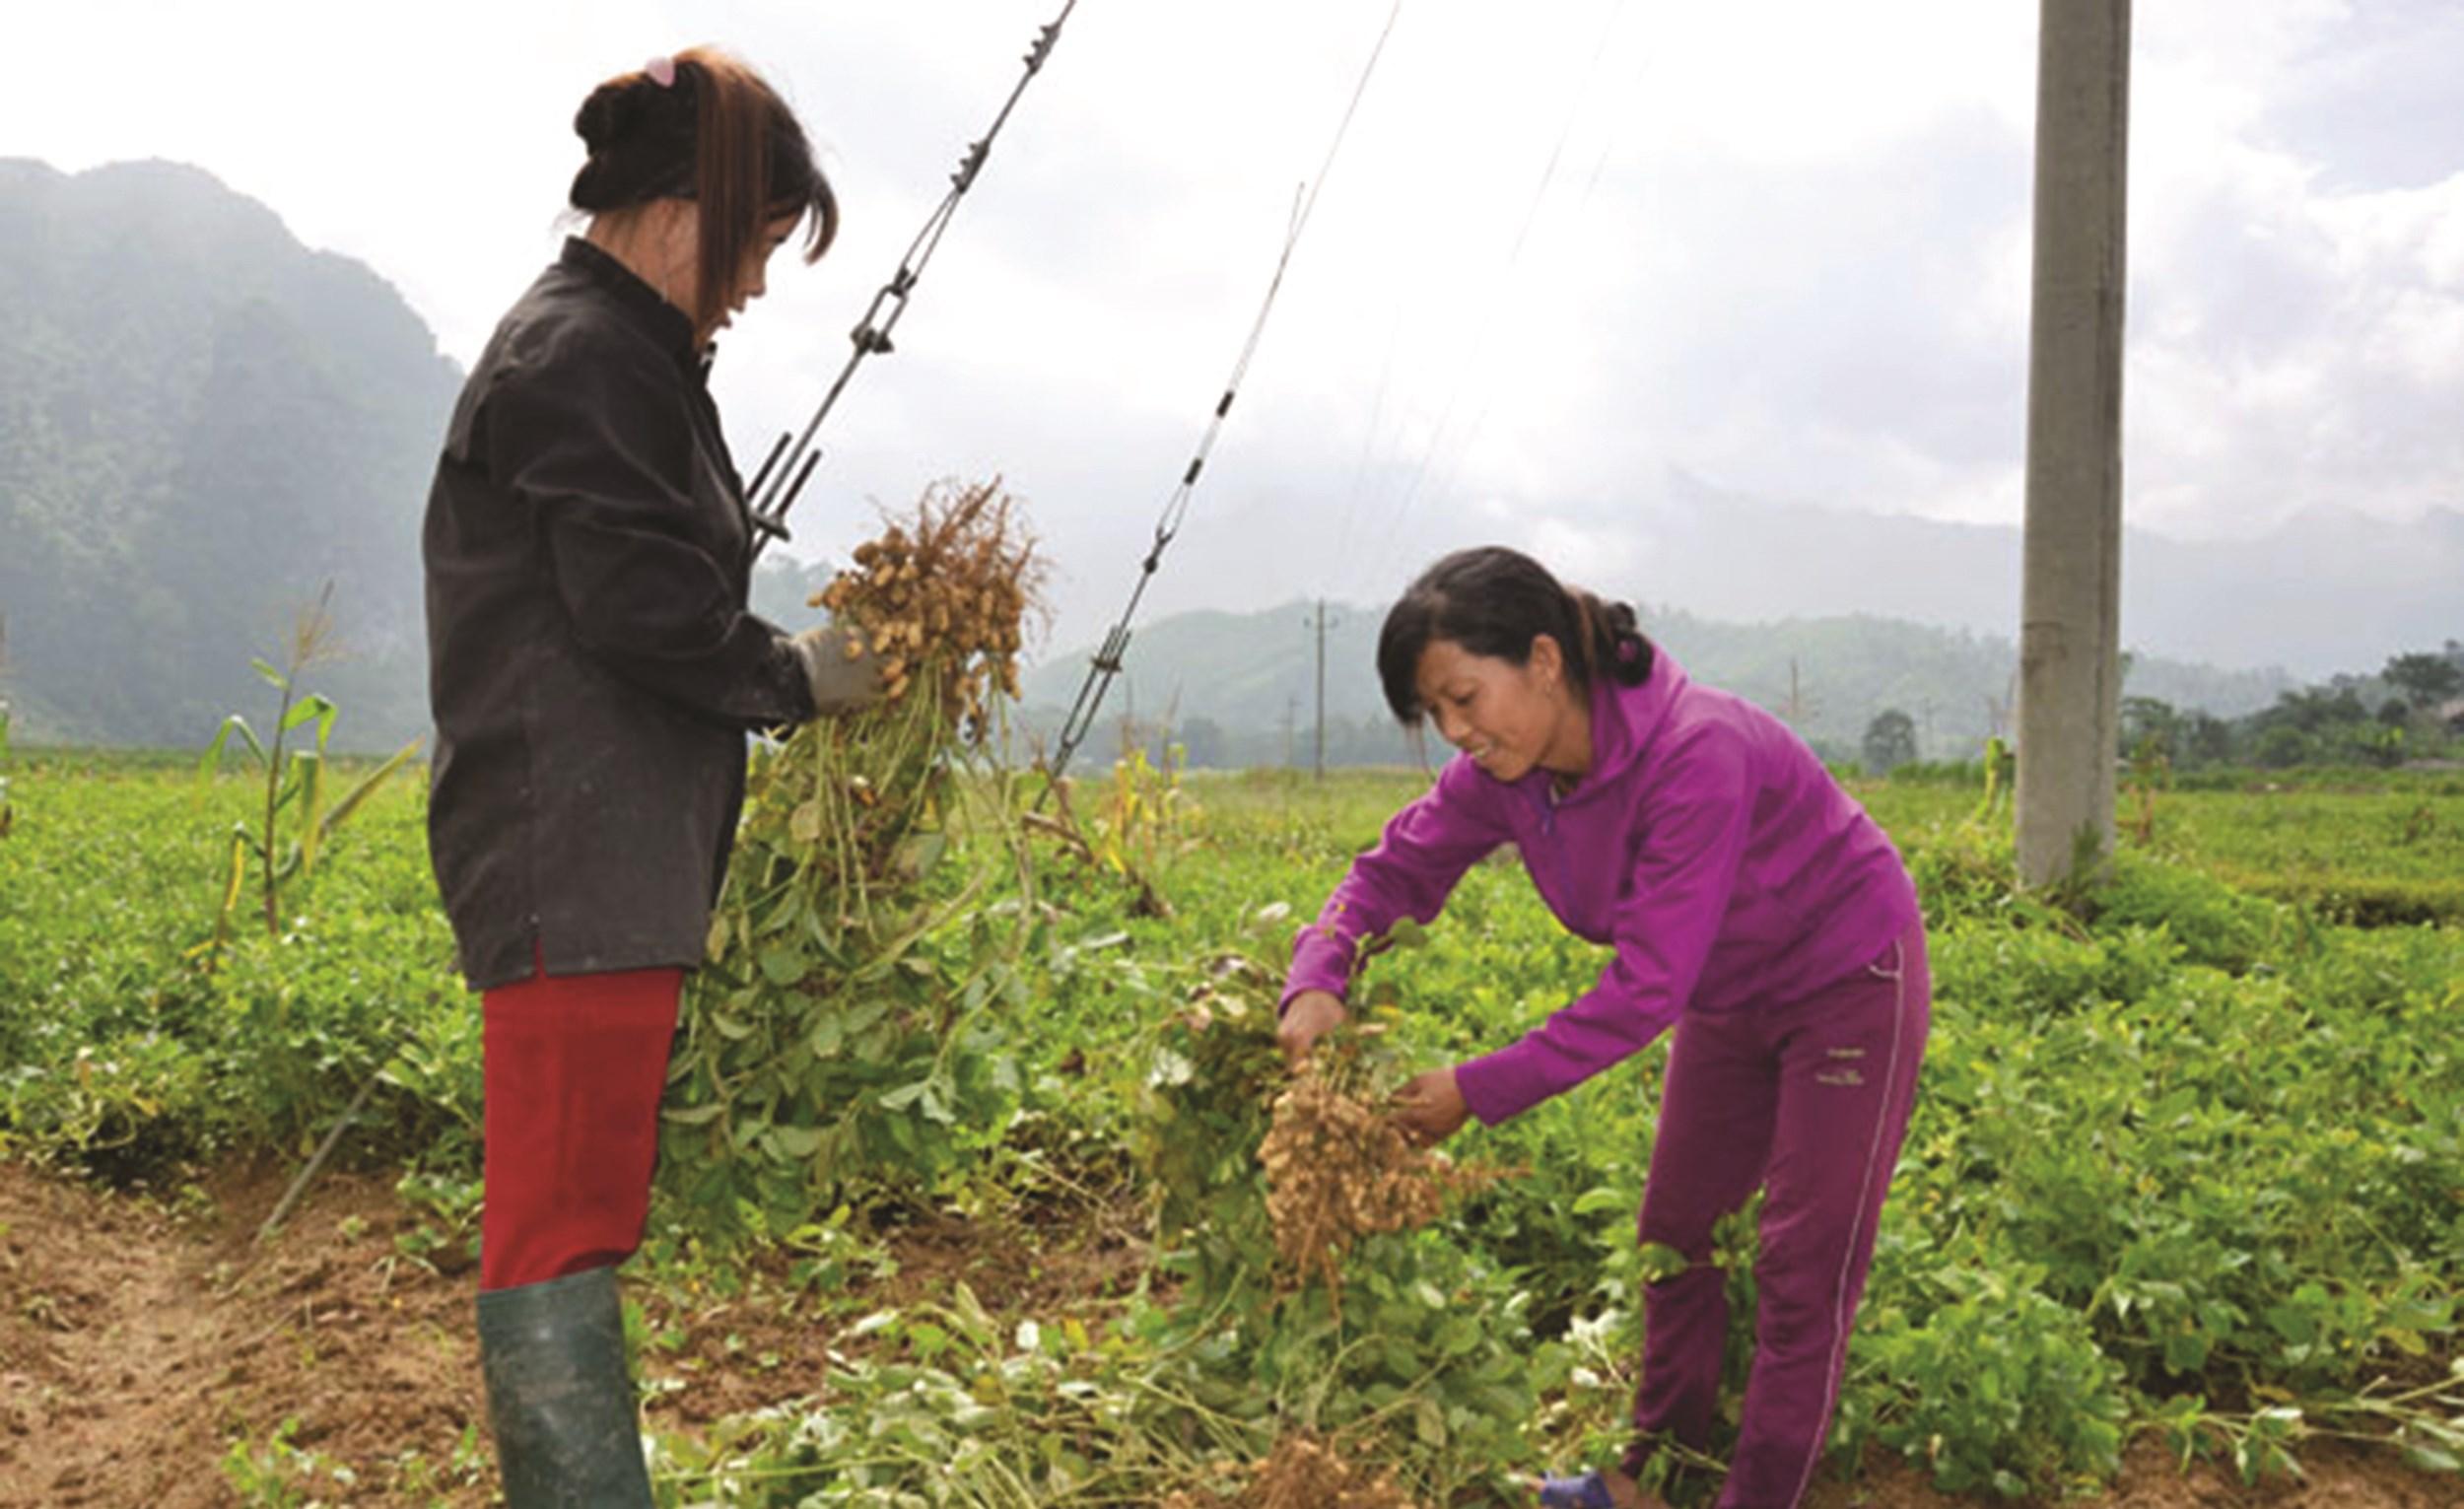 Chị Bàn Thị Lái (bên phải) dân tộc Dao, thôn Phiêng Tạ, xã Phúc Sơn (Chiêm Hóa) là một trong những hộ tự nguyện xin thoát nghèo đầu tiên của xã